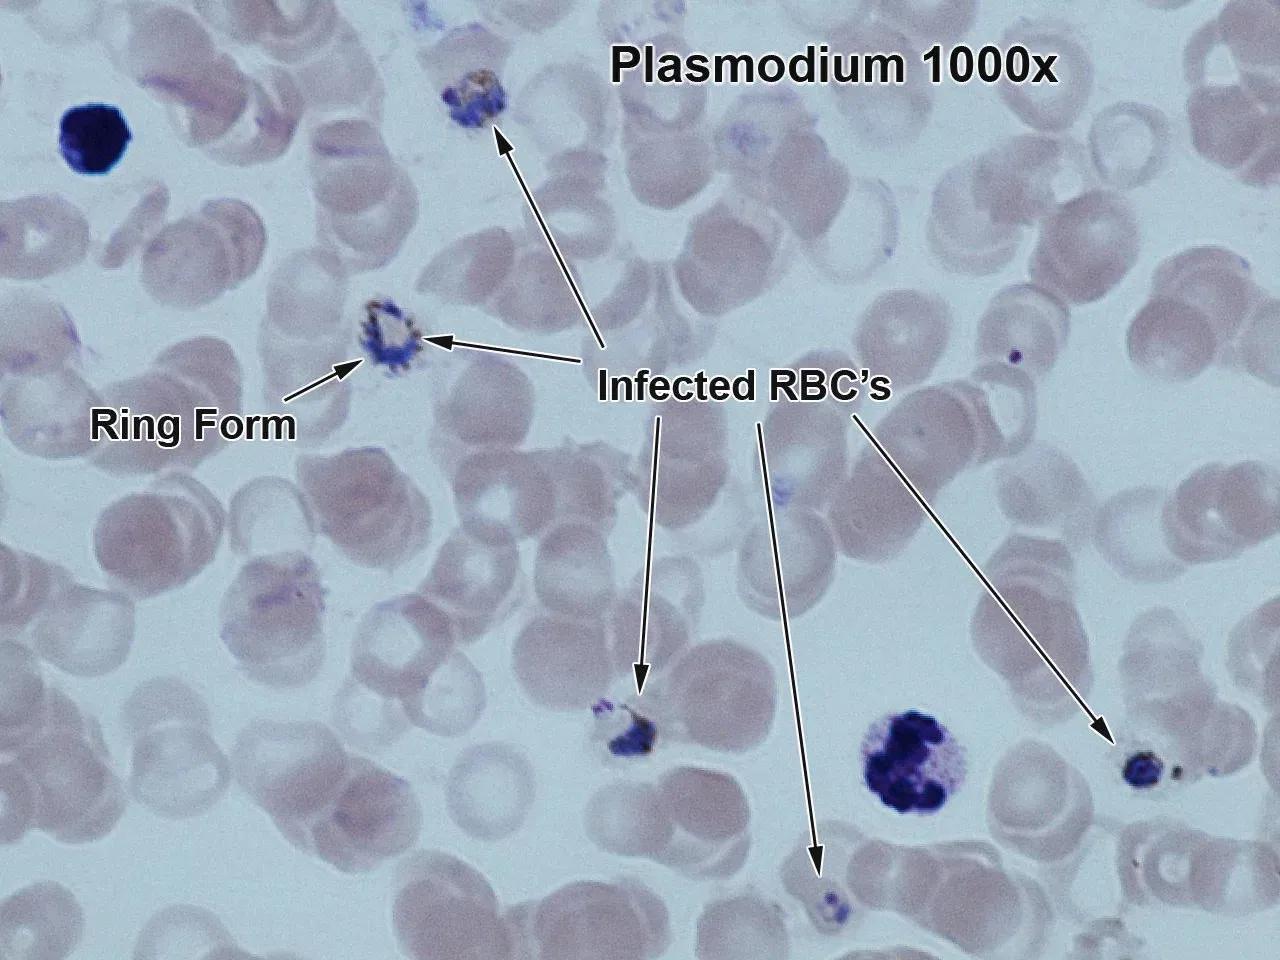 мРНК-вакцина от малярии показала 88-процентную эффективность на мышах